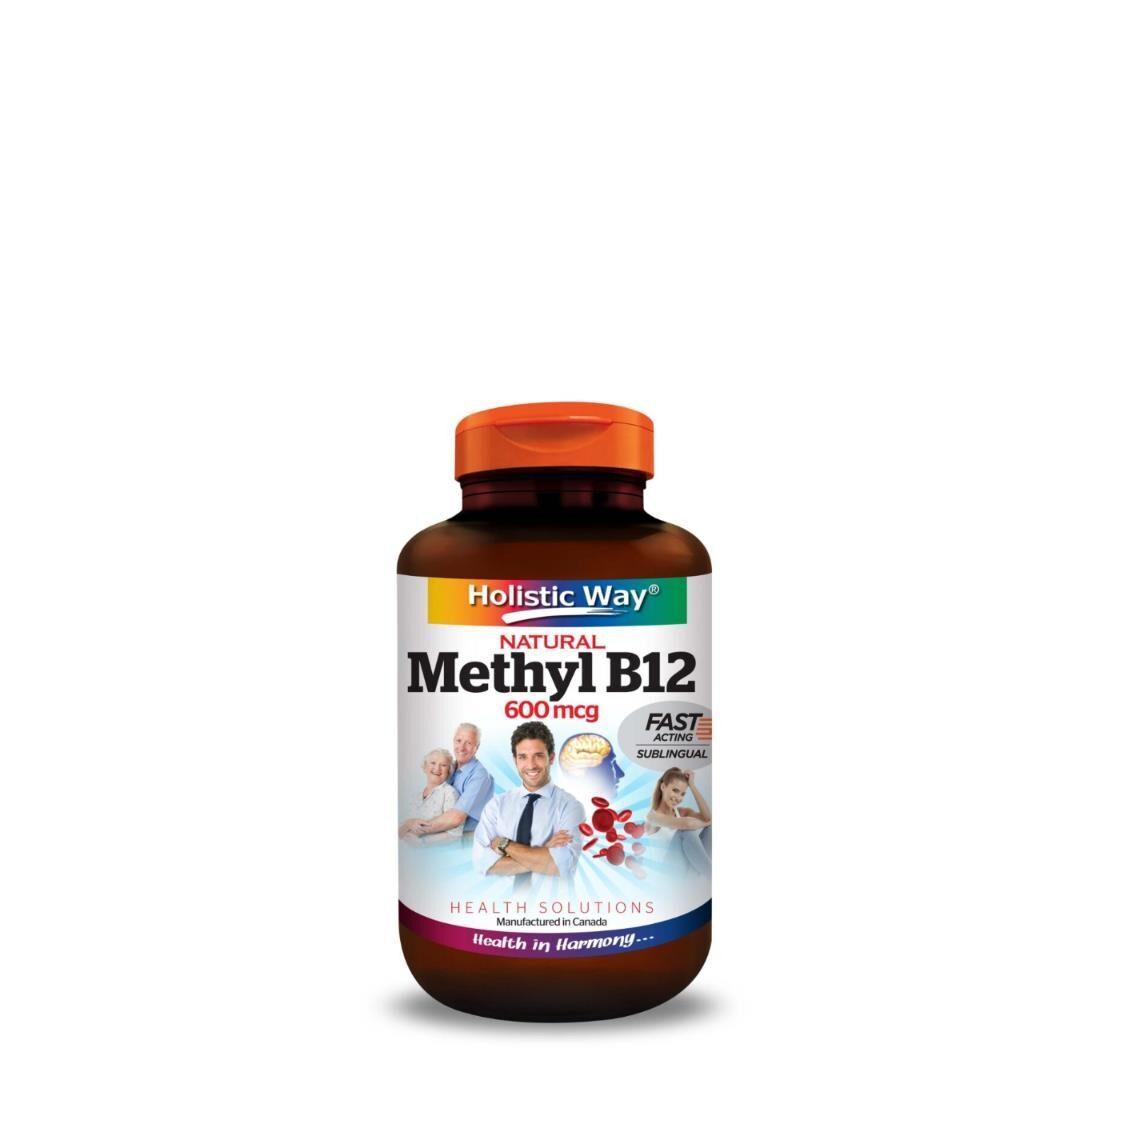 Holistic Way Natural Vitamin B12 600mcg 90 Tablets